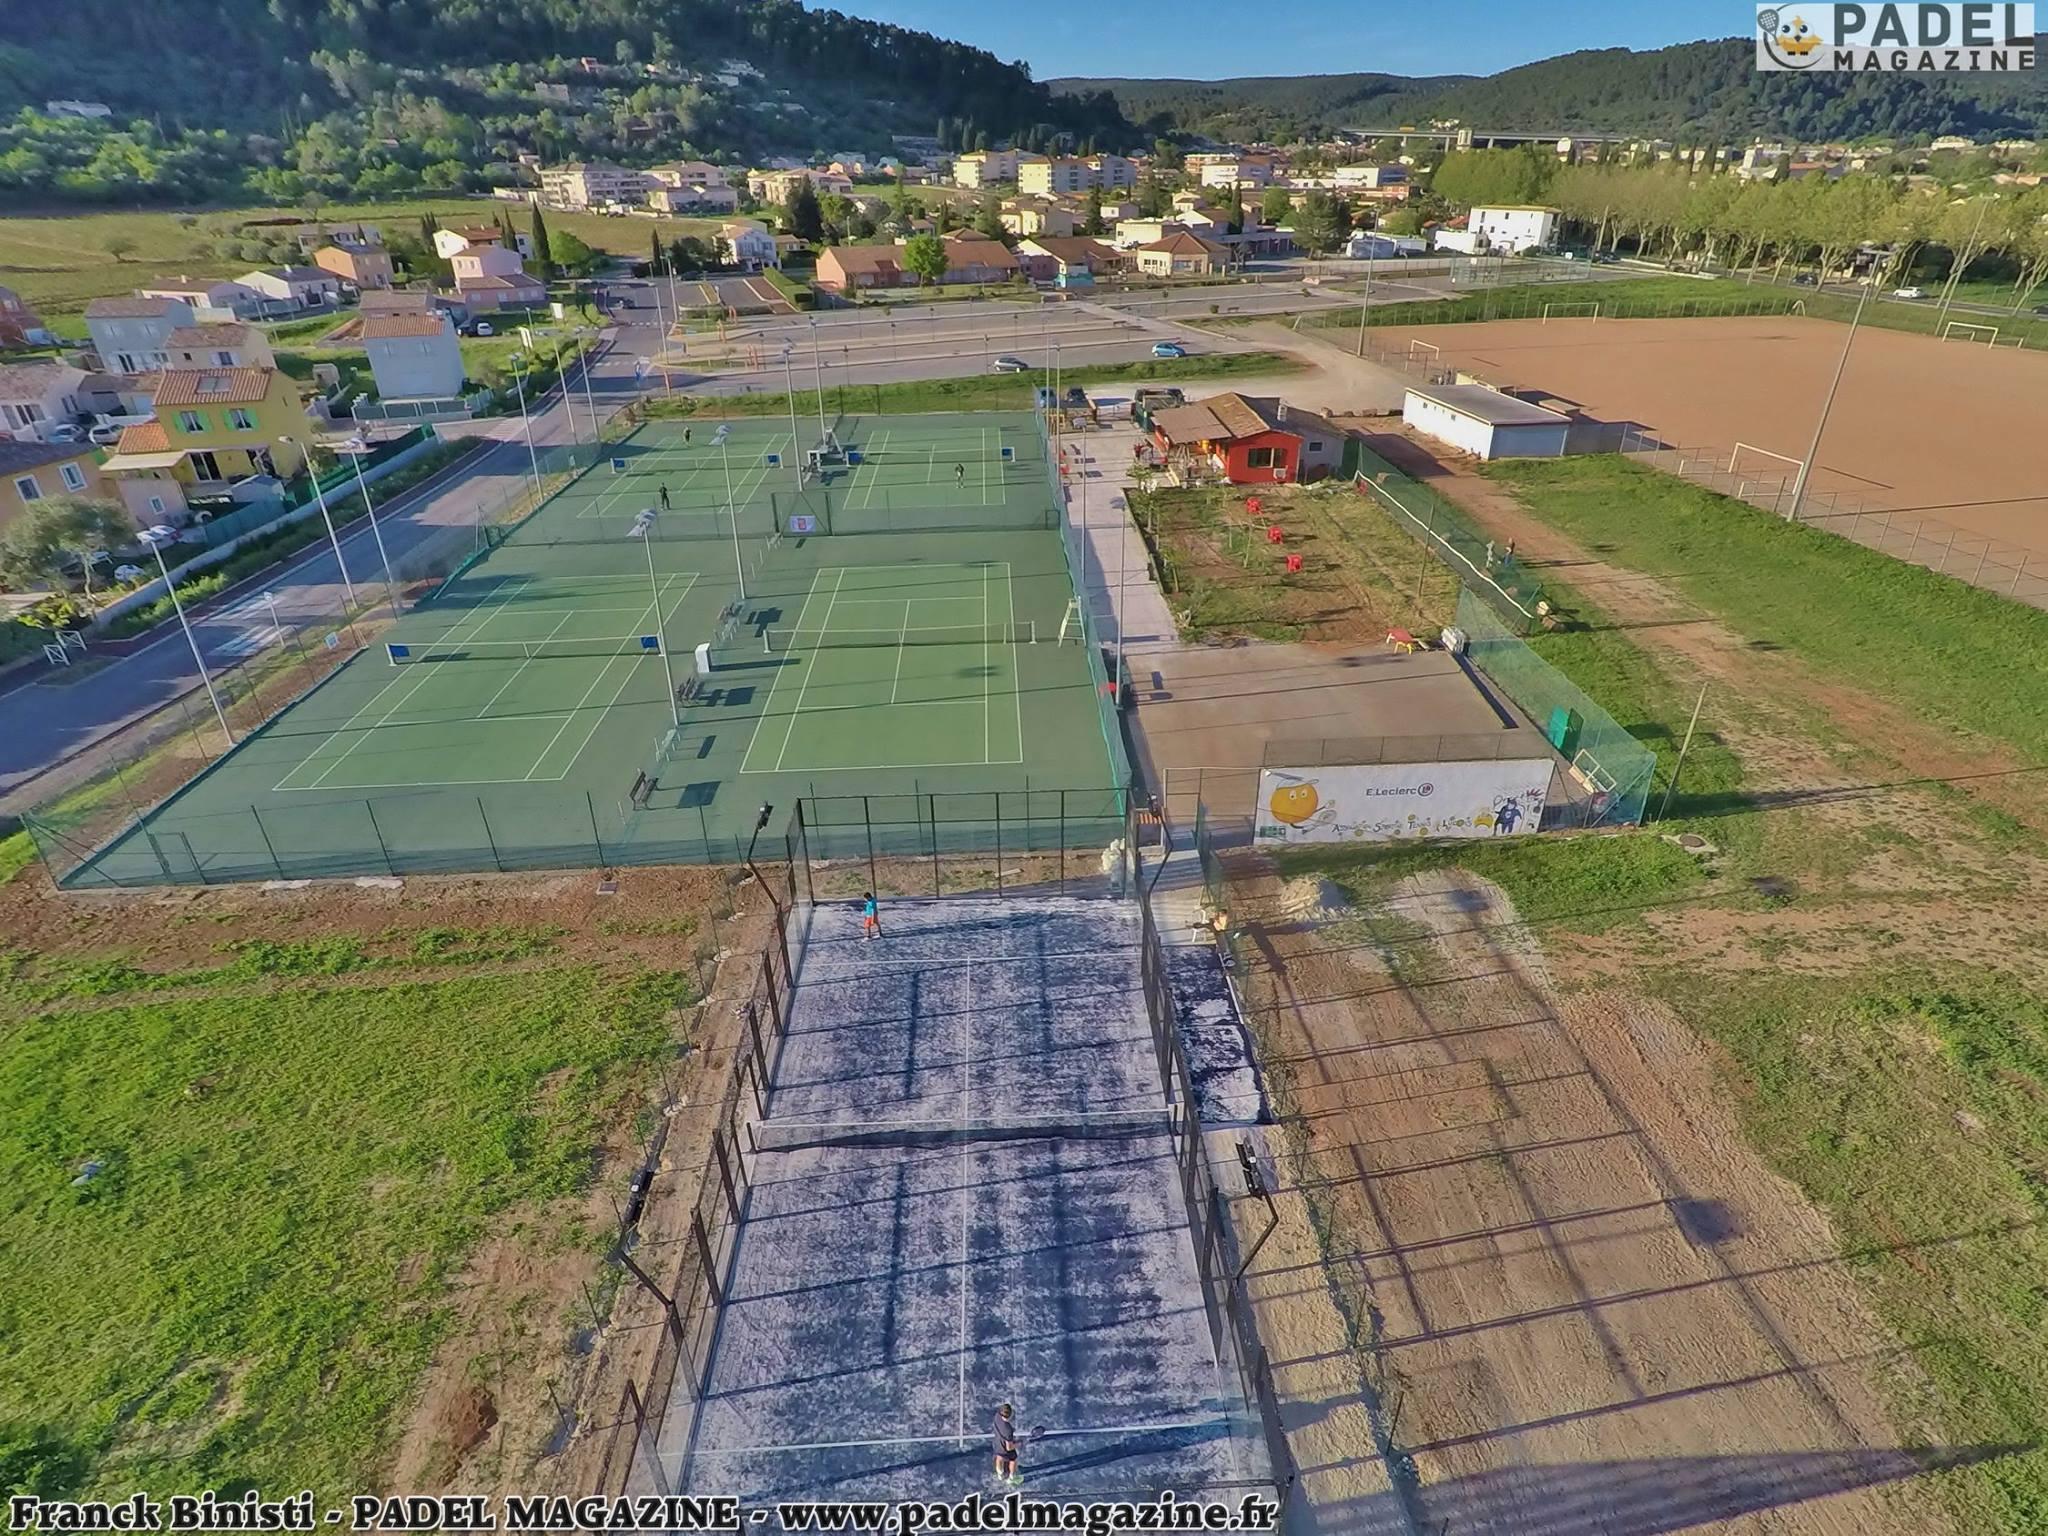 Le développement du padel dans les clubs de tennis